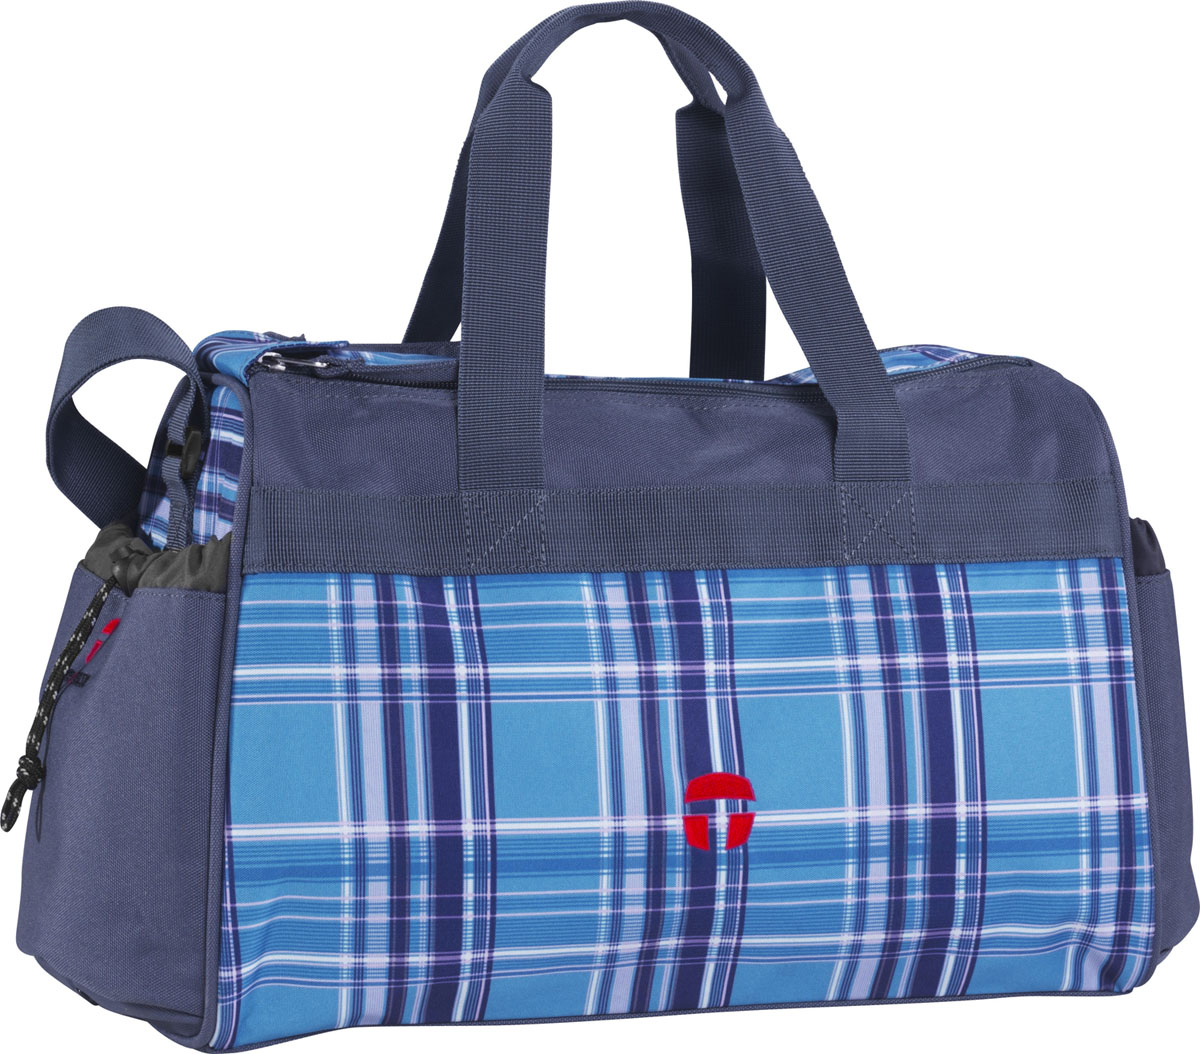 Сумка спортивная McNeil Виола, цвет: голубой, 37 см х 20 см х 25 смStreamLine 100 черныйСпортивная сумка McNeil Виола предназначена для переноски спортивных вещей, обуви и инвентаря. Сумка ручной работы выполнена из современных резистентных материалов и оформлена принтом в голубую клетку. Сумка имеет одно вместительное отделение, закрывающееся на две застежки-молнии. Бегунки на застежках соединены общим текстильным держателем. На тыльной стороне сумки расположен внешний карман для обуви, закрывающийся на застежку молнию. По бокам находятся два внешних кармана, затягивающиеся сверху текстильным шнурком с фиксатором. Спортивная сумка оснащена двумя текстильными ручками для переноски в руке и плечевым ремнем, регулируемым по длине. На дне сумки расположены четыре широкие пластиковые ножки, которые защитят ее от грязи и продлят срок службы.Спортивные сумки McNeill- это высочайшее качество, функциональность и современный дизайн. Характеристики: Материал: текстиль, пластик, металл. Размер сумки: 37 см х 20 см x 25 см. Объем сумки: 18 л.